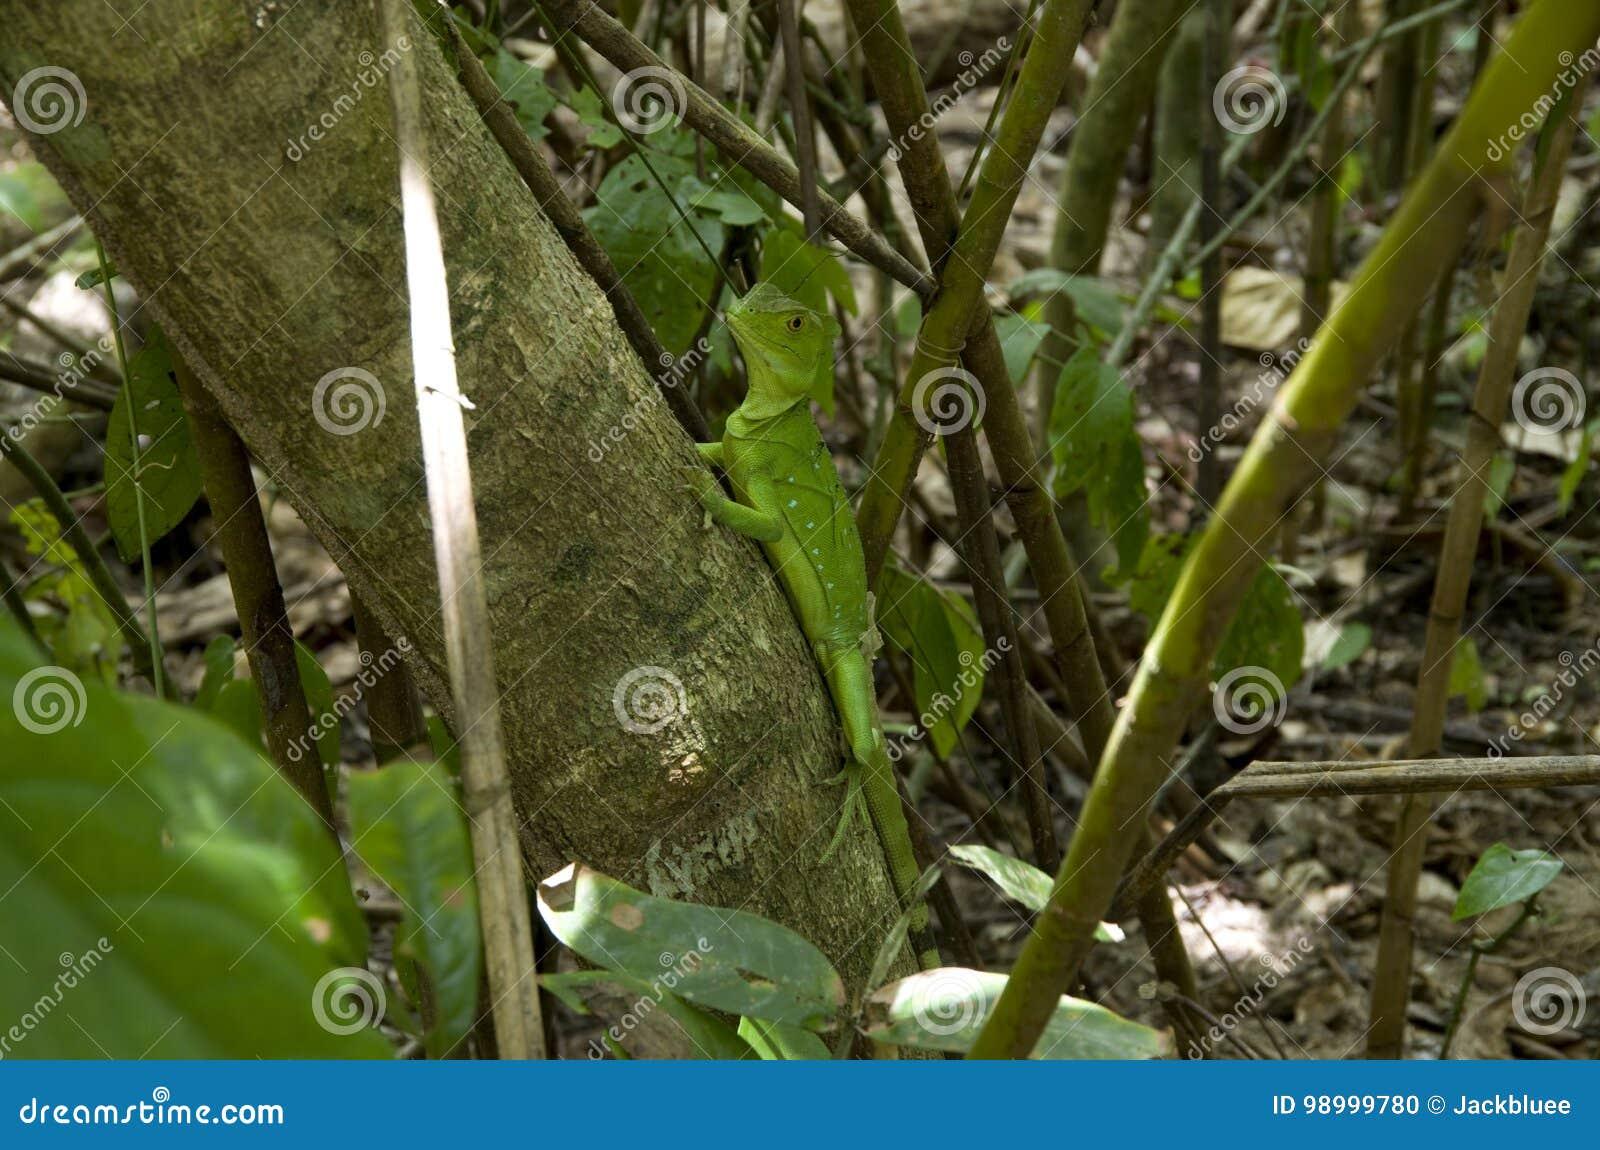 鬣鳞蜥以绿色